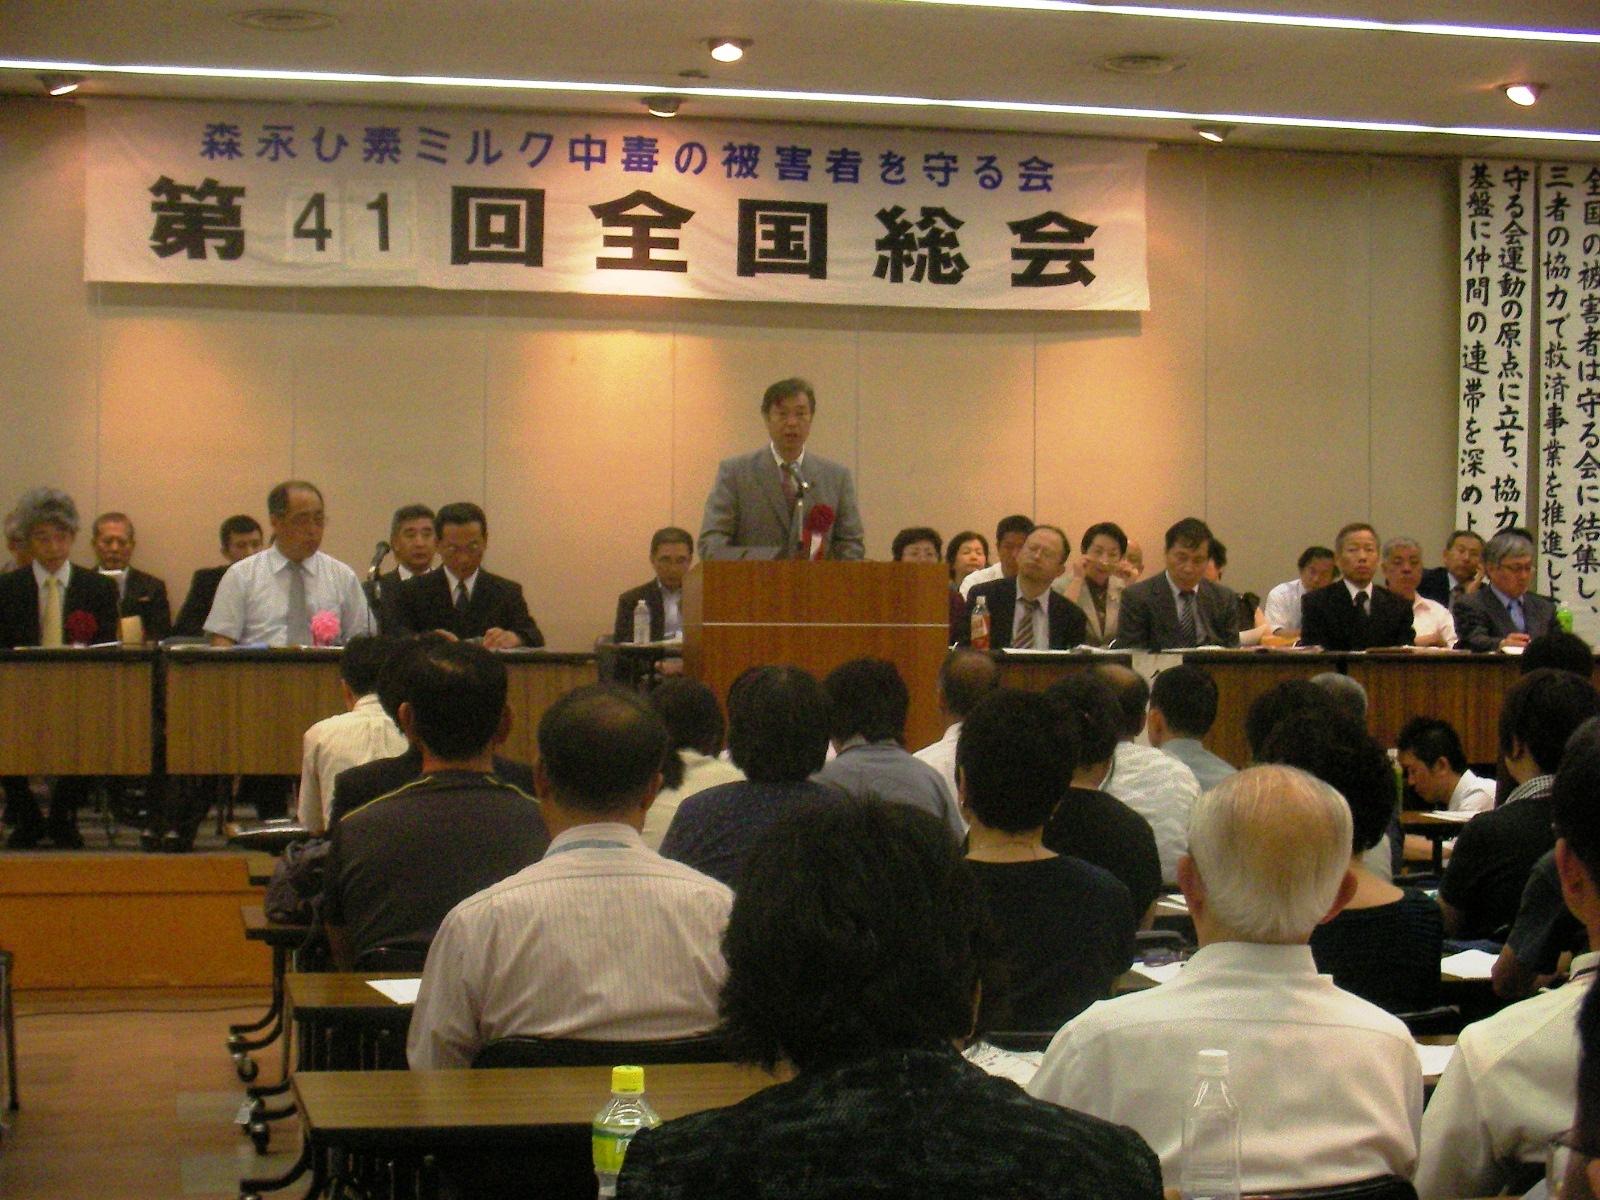 森永ひ素ミルク中毒の被害者を守る会総会